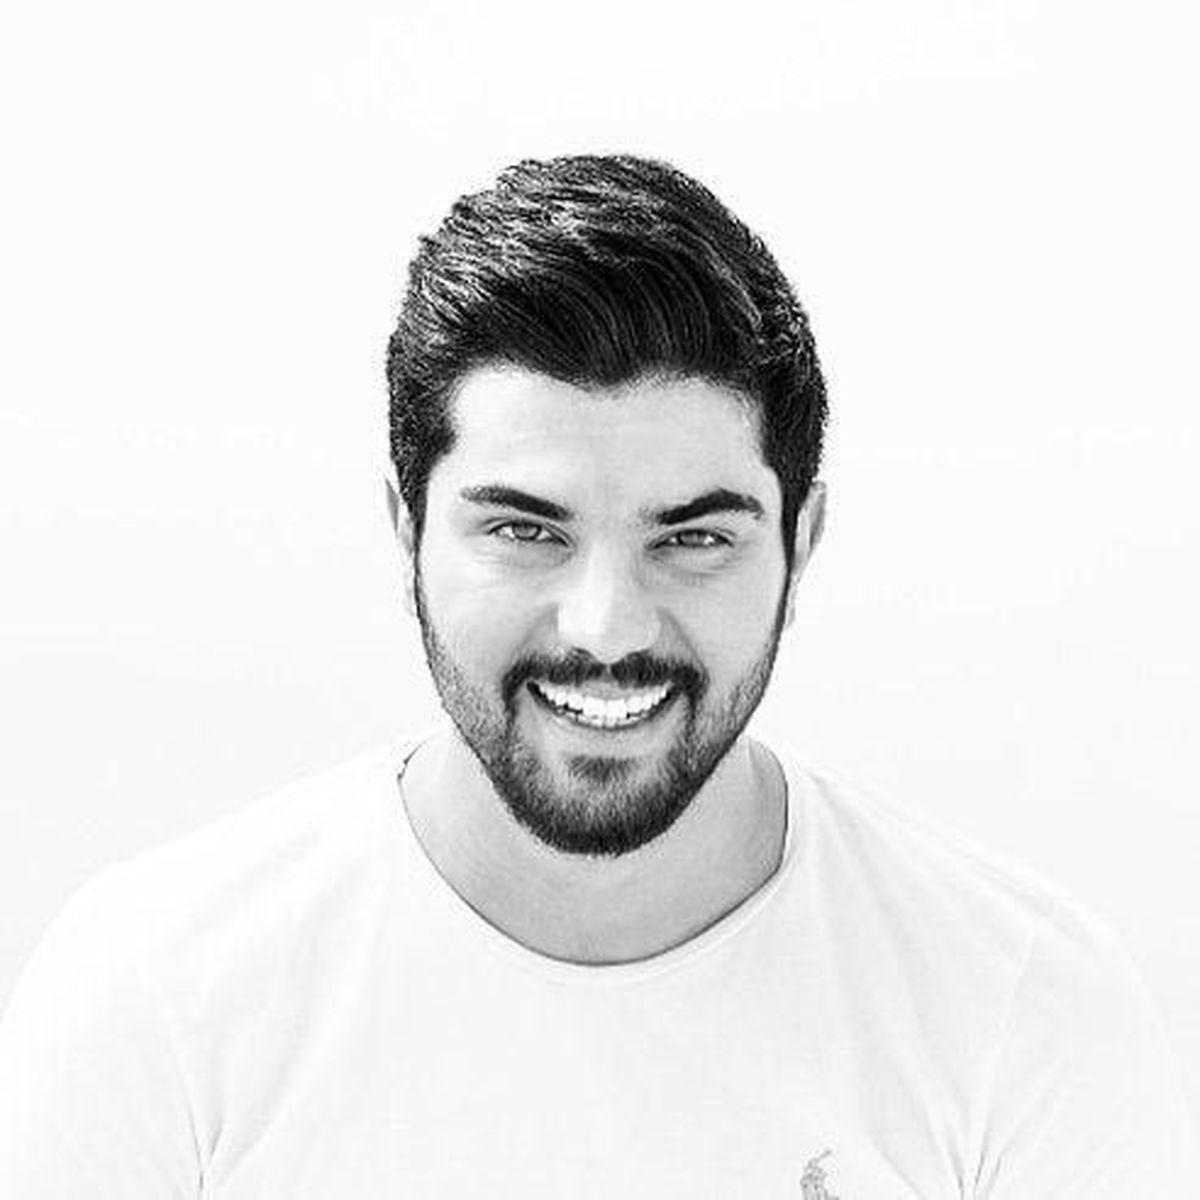 بیوگرافی سینا مهراد بازیگر مظلوم و جذاب فیلم آقازاده + تصاویر